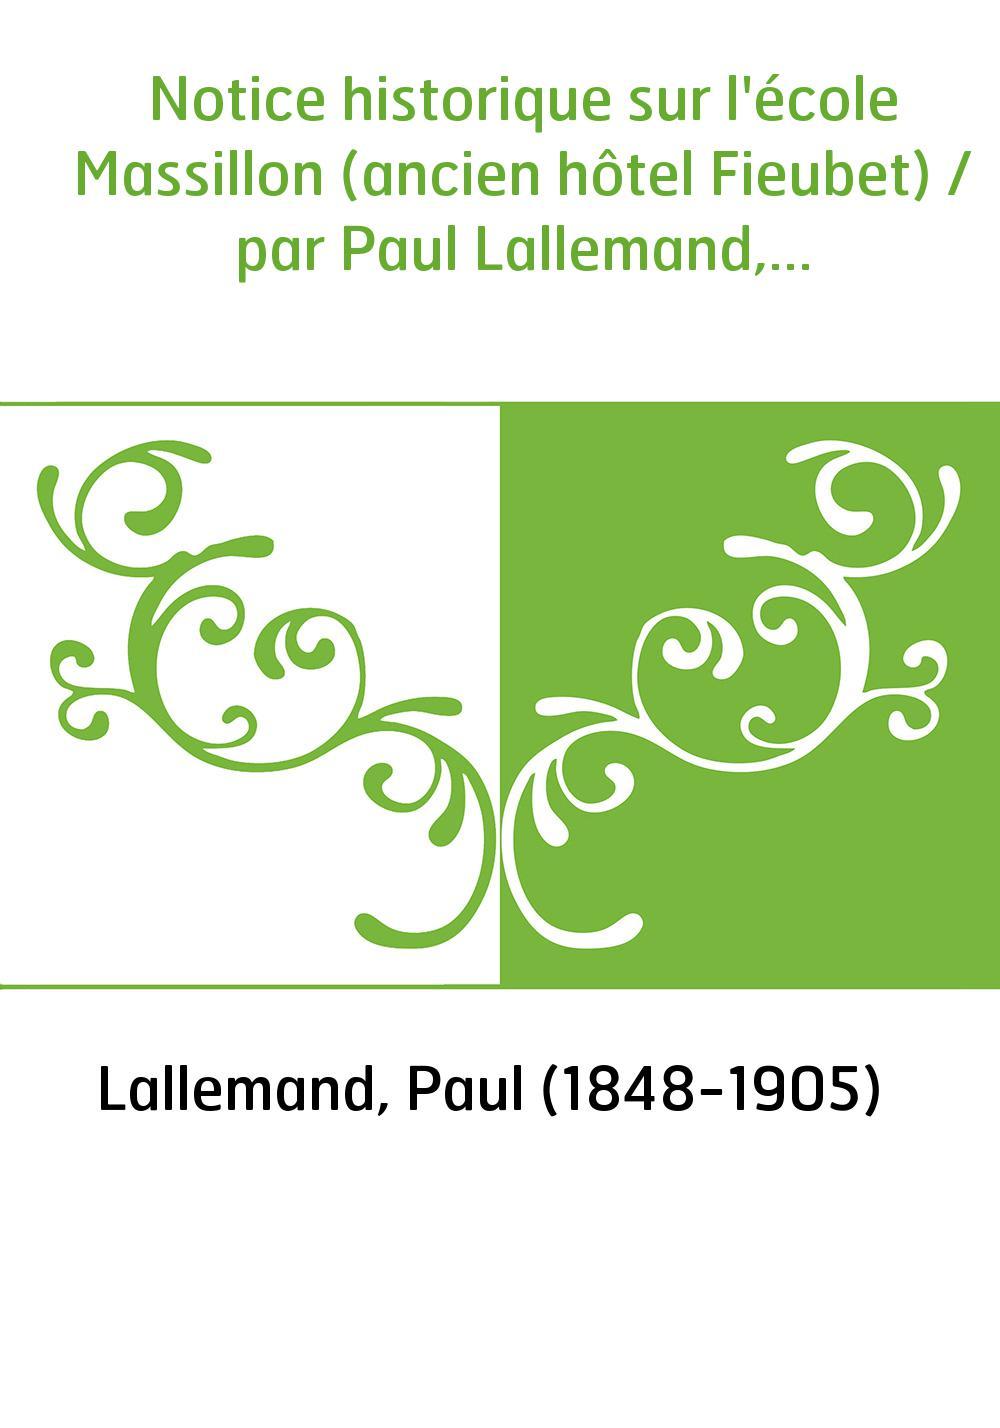 Notice historique sur l'école Massillon (ancien hôtel Fieubet) / par Paul Lallemand,...